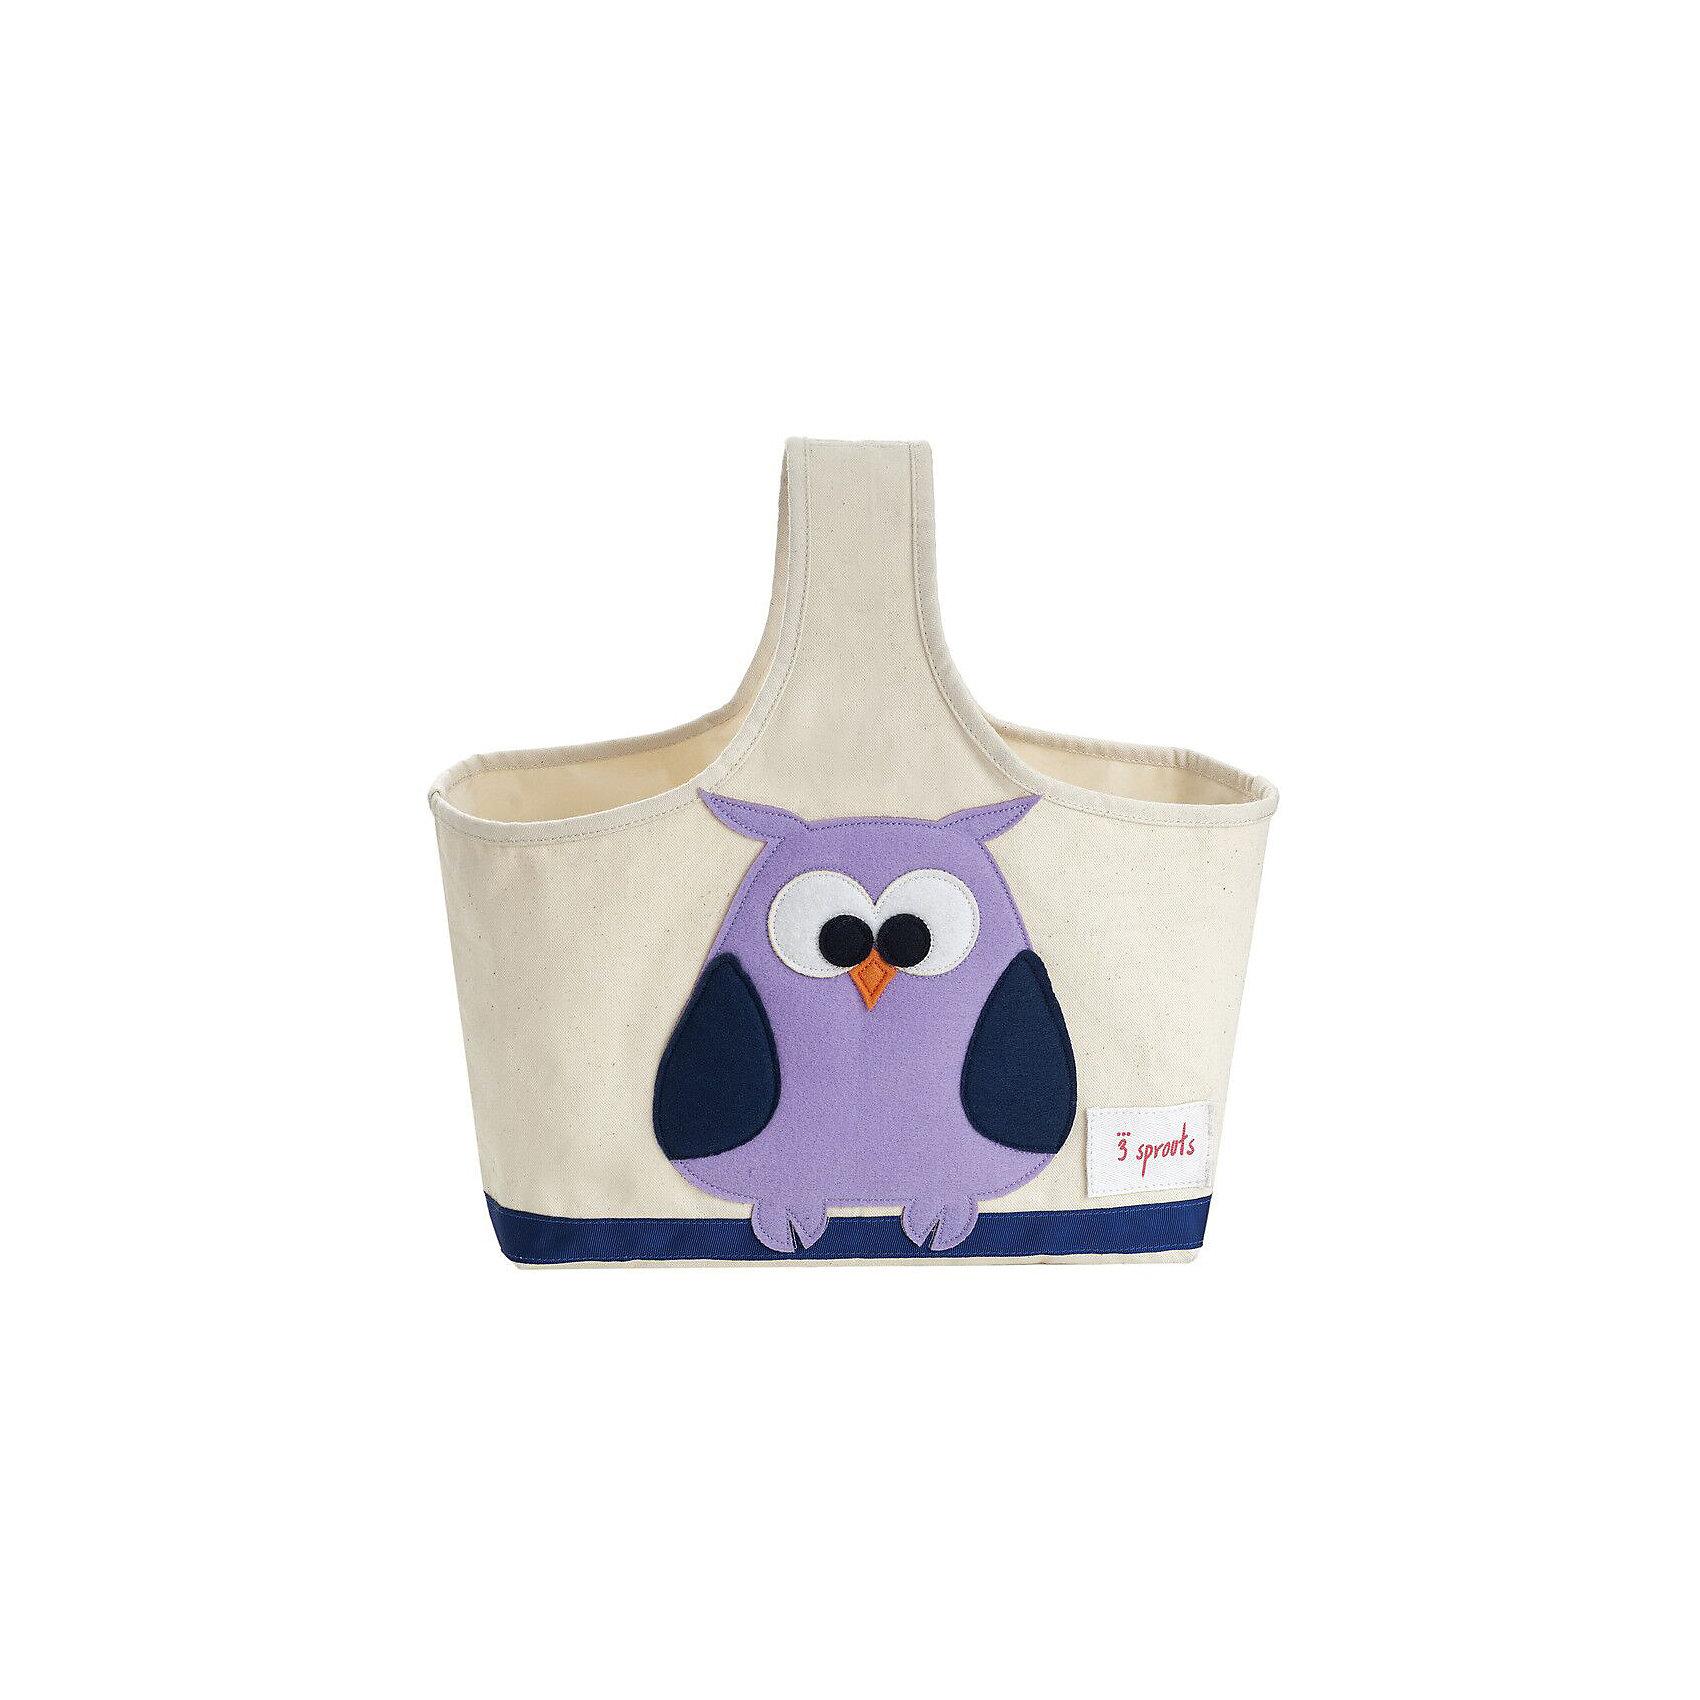 Сумочка для хранения детских принадлежностей Сова (Purple Owl), 3 SproutsКорзины для игрушек<br>Яркая сумочка - это идеальное решение для хранения детских принадлежностей. Изготовленная из хлопкового брезента и фетра, она является прекрасным контейнером для хранения и переноски любых детских принадлежностей.<br><br>Дополнительная информация:<br><br>- Размер: 38x30x14 см.<br>- Материал: хлопок, фетр, полиэстер.<br>- Орнамент: Сова.<br><br>Купить сумочку для хранения детских принадлежностей Сова (Purple Owl), можно в нашем магазине.<br><br>Ширина мм: 320<br>Глубина мм: 240<br>Высота мм: 20<br>Вес г: 234<br>Возраст от месяцев: 6<br>Возраст до месяцев: 84<br>Пол: Унисекс<br>Возраст: Детский<br>SKU: 5098232